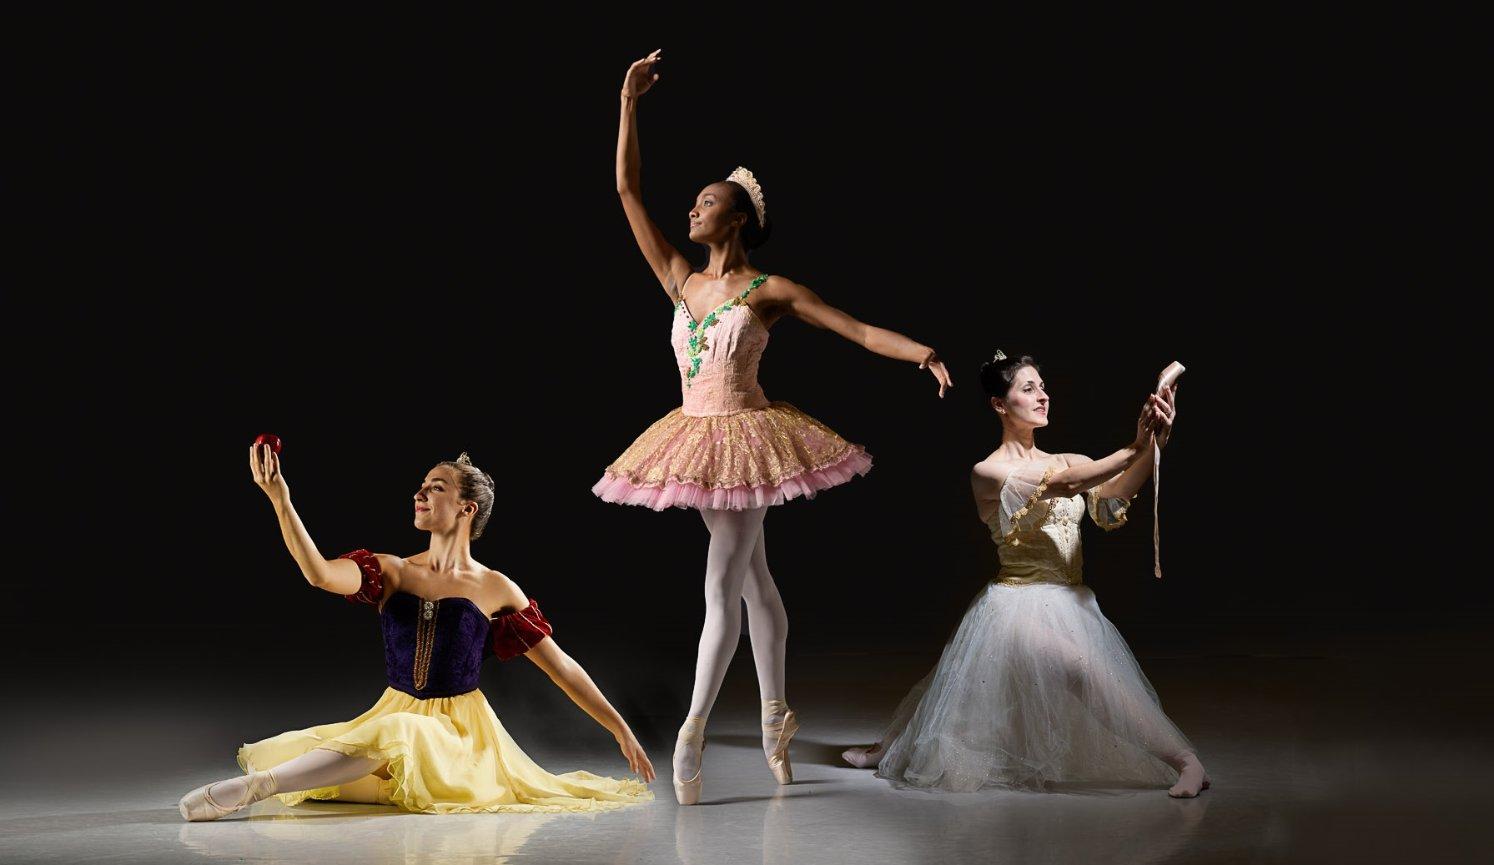 Kết quả hình ảnh cho ballet